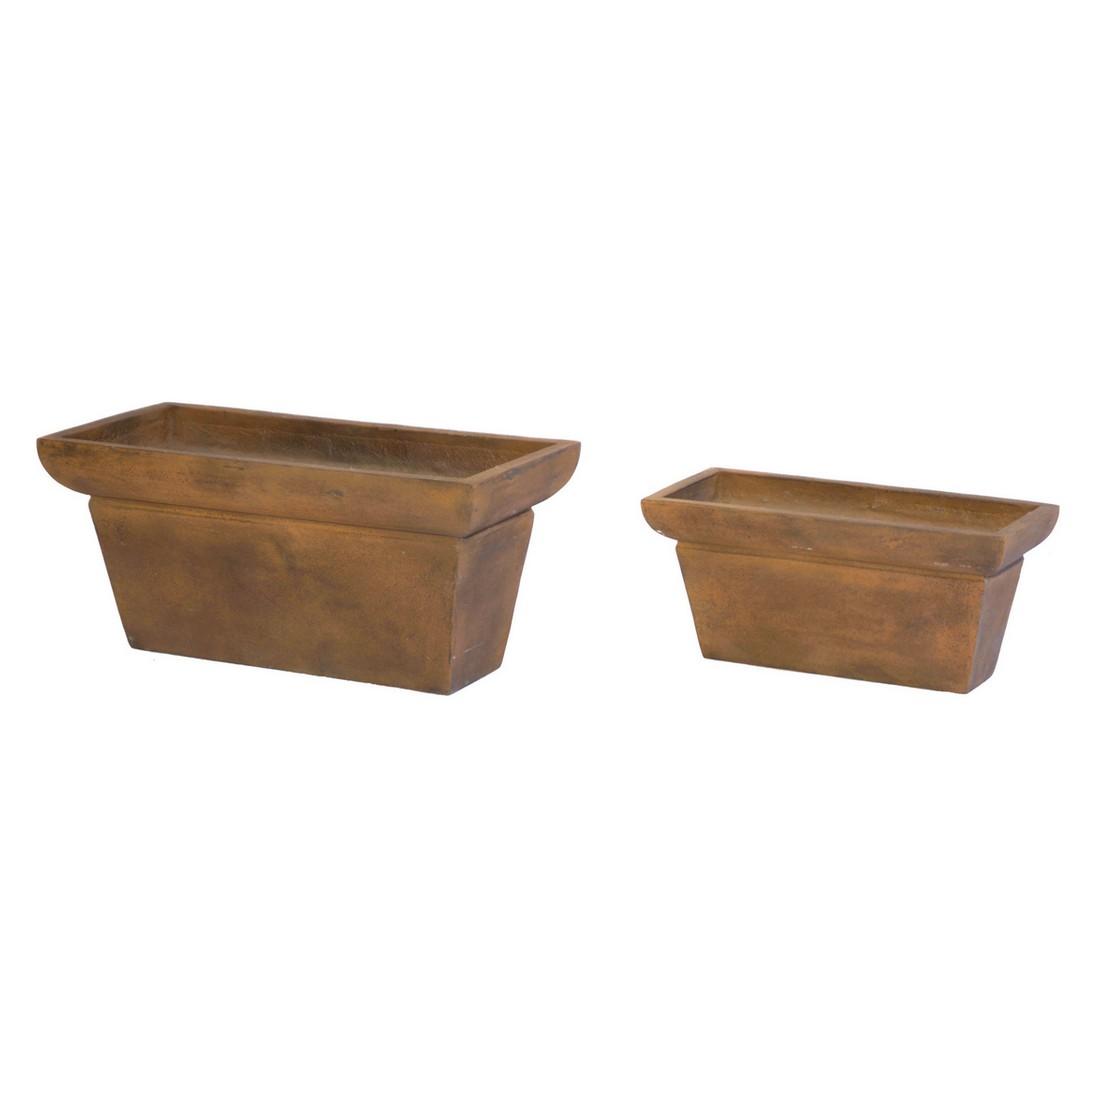 blumenkasten rusty iron kunststoff desgin eckig l nge 60 cm breit 27 cm h he 27 cm. Black Bedroom Furniture Sets. Home Design Ideas